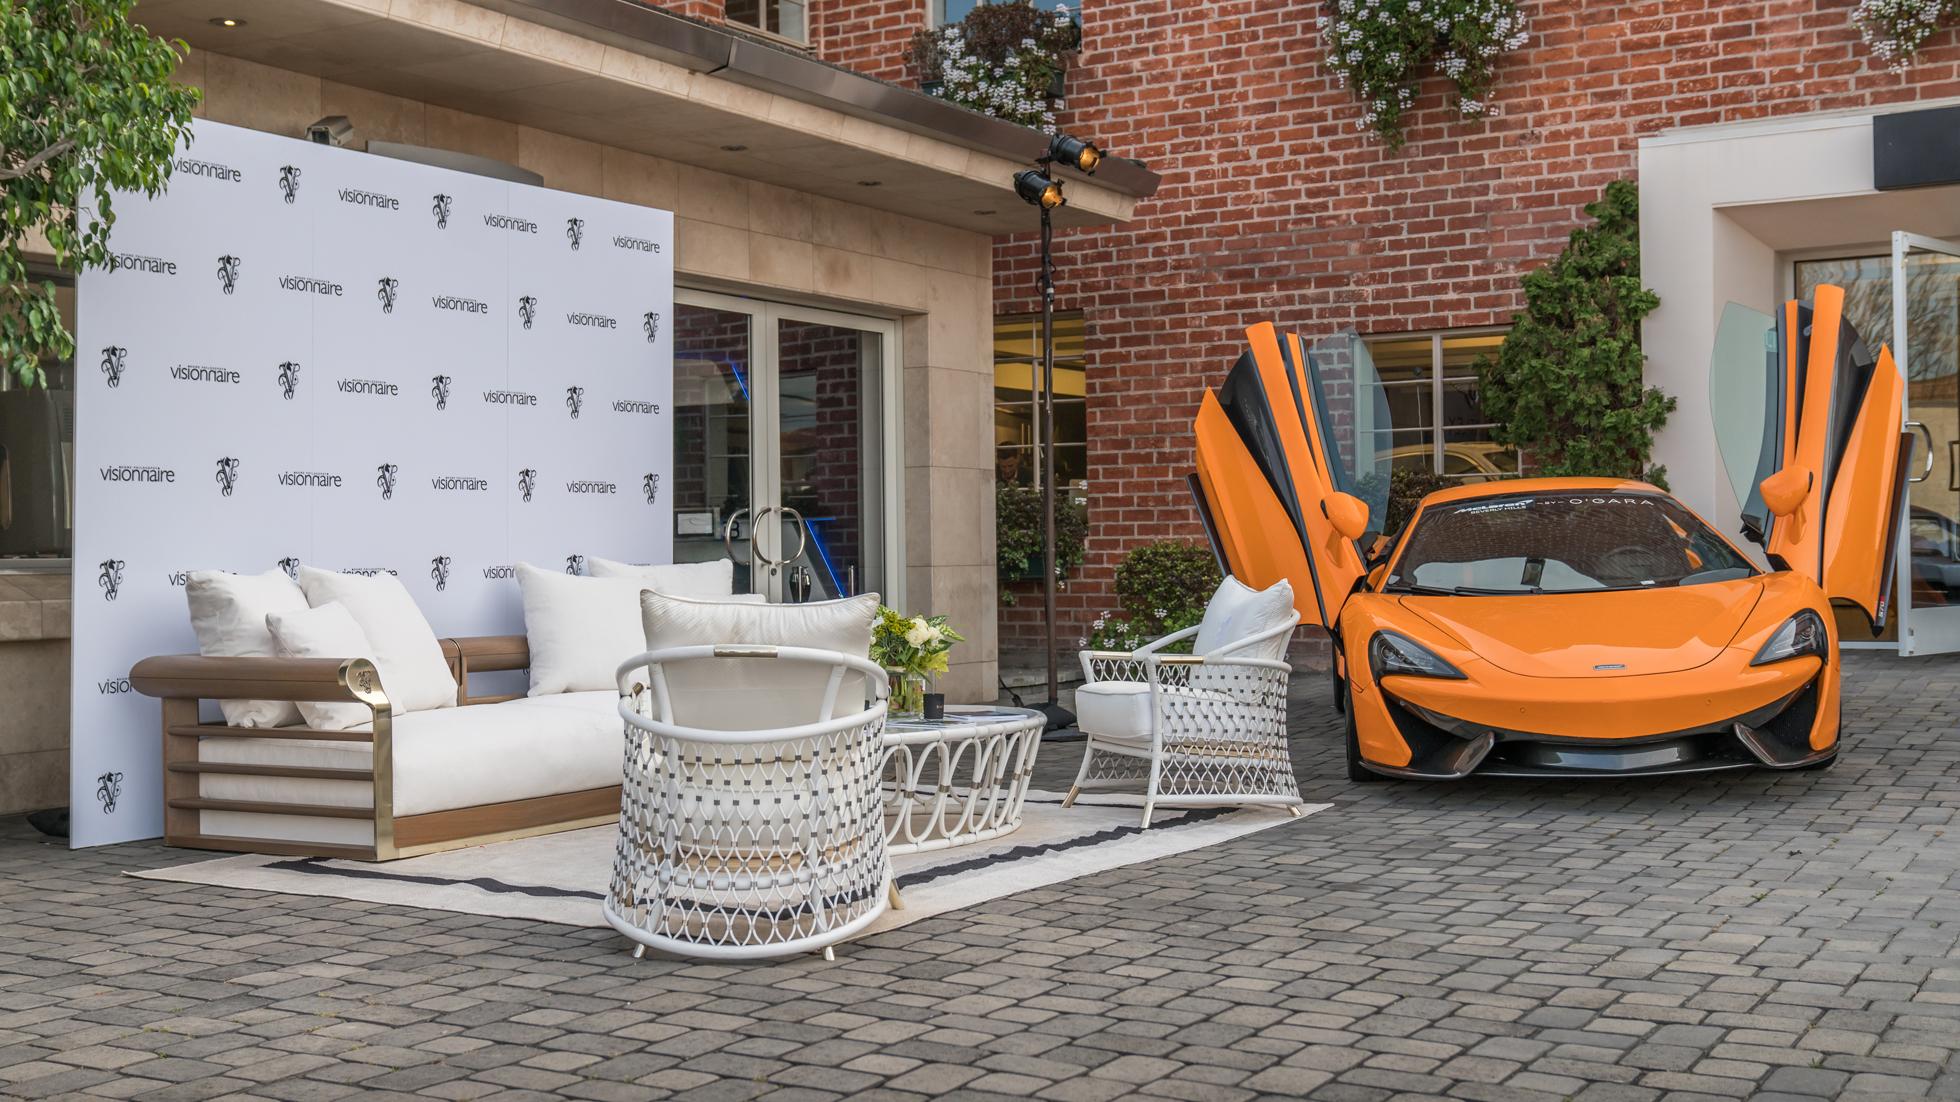 McLaren Grand Opening-1.jpg